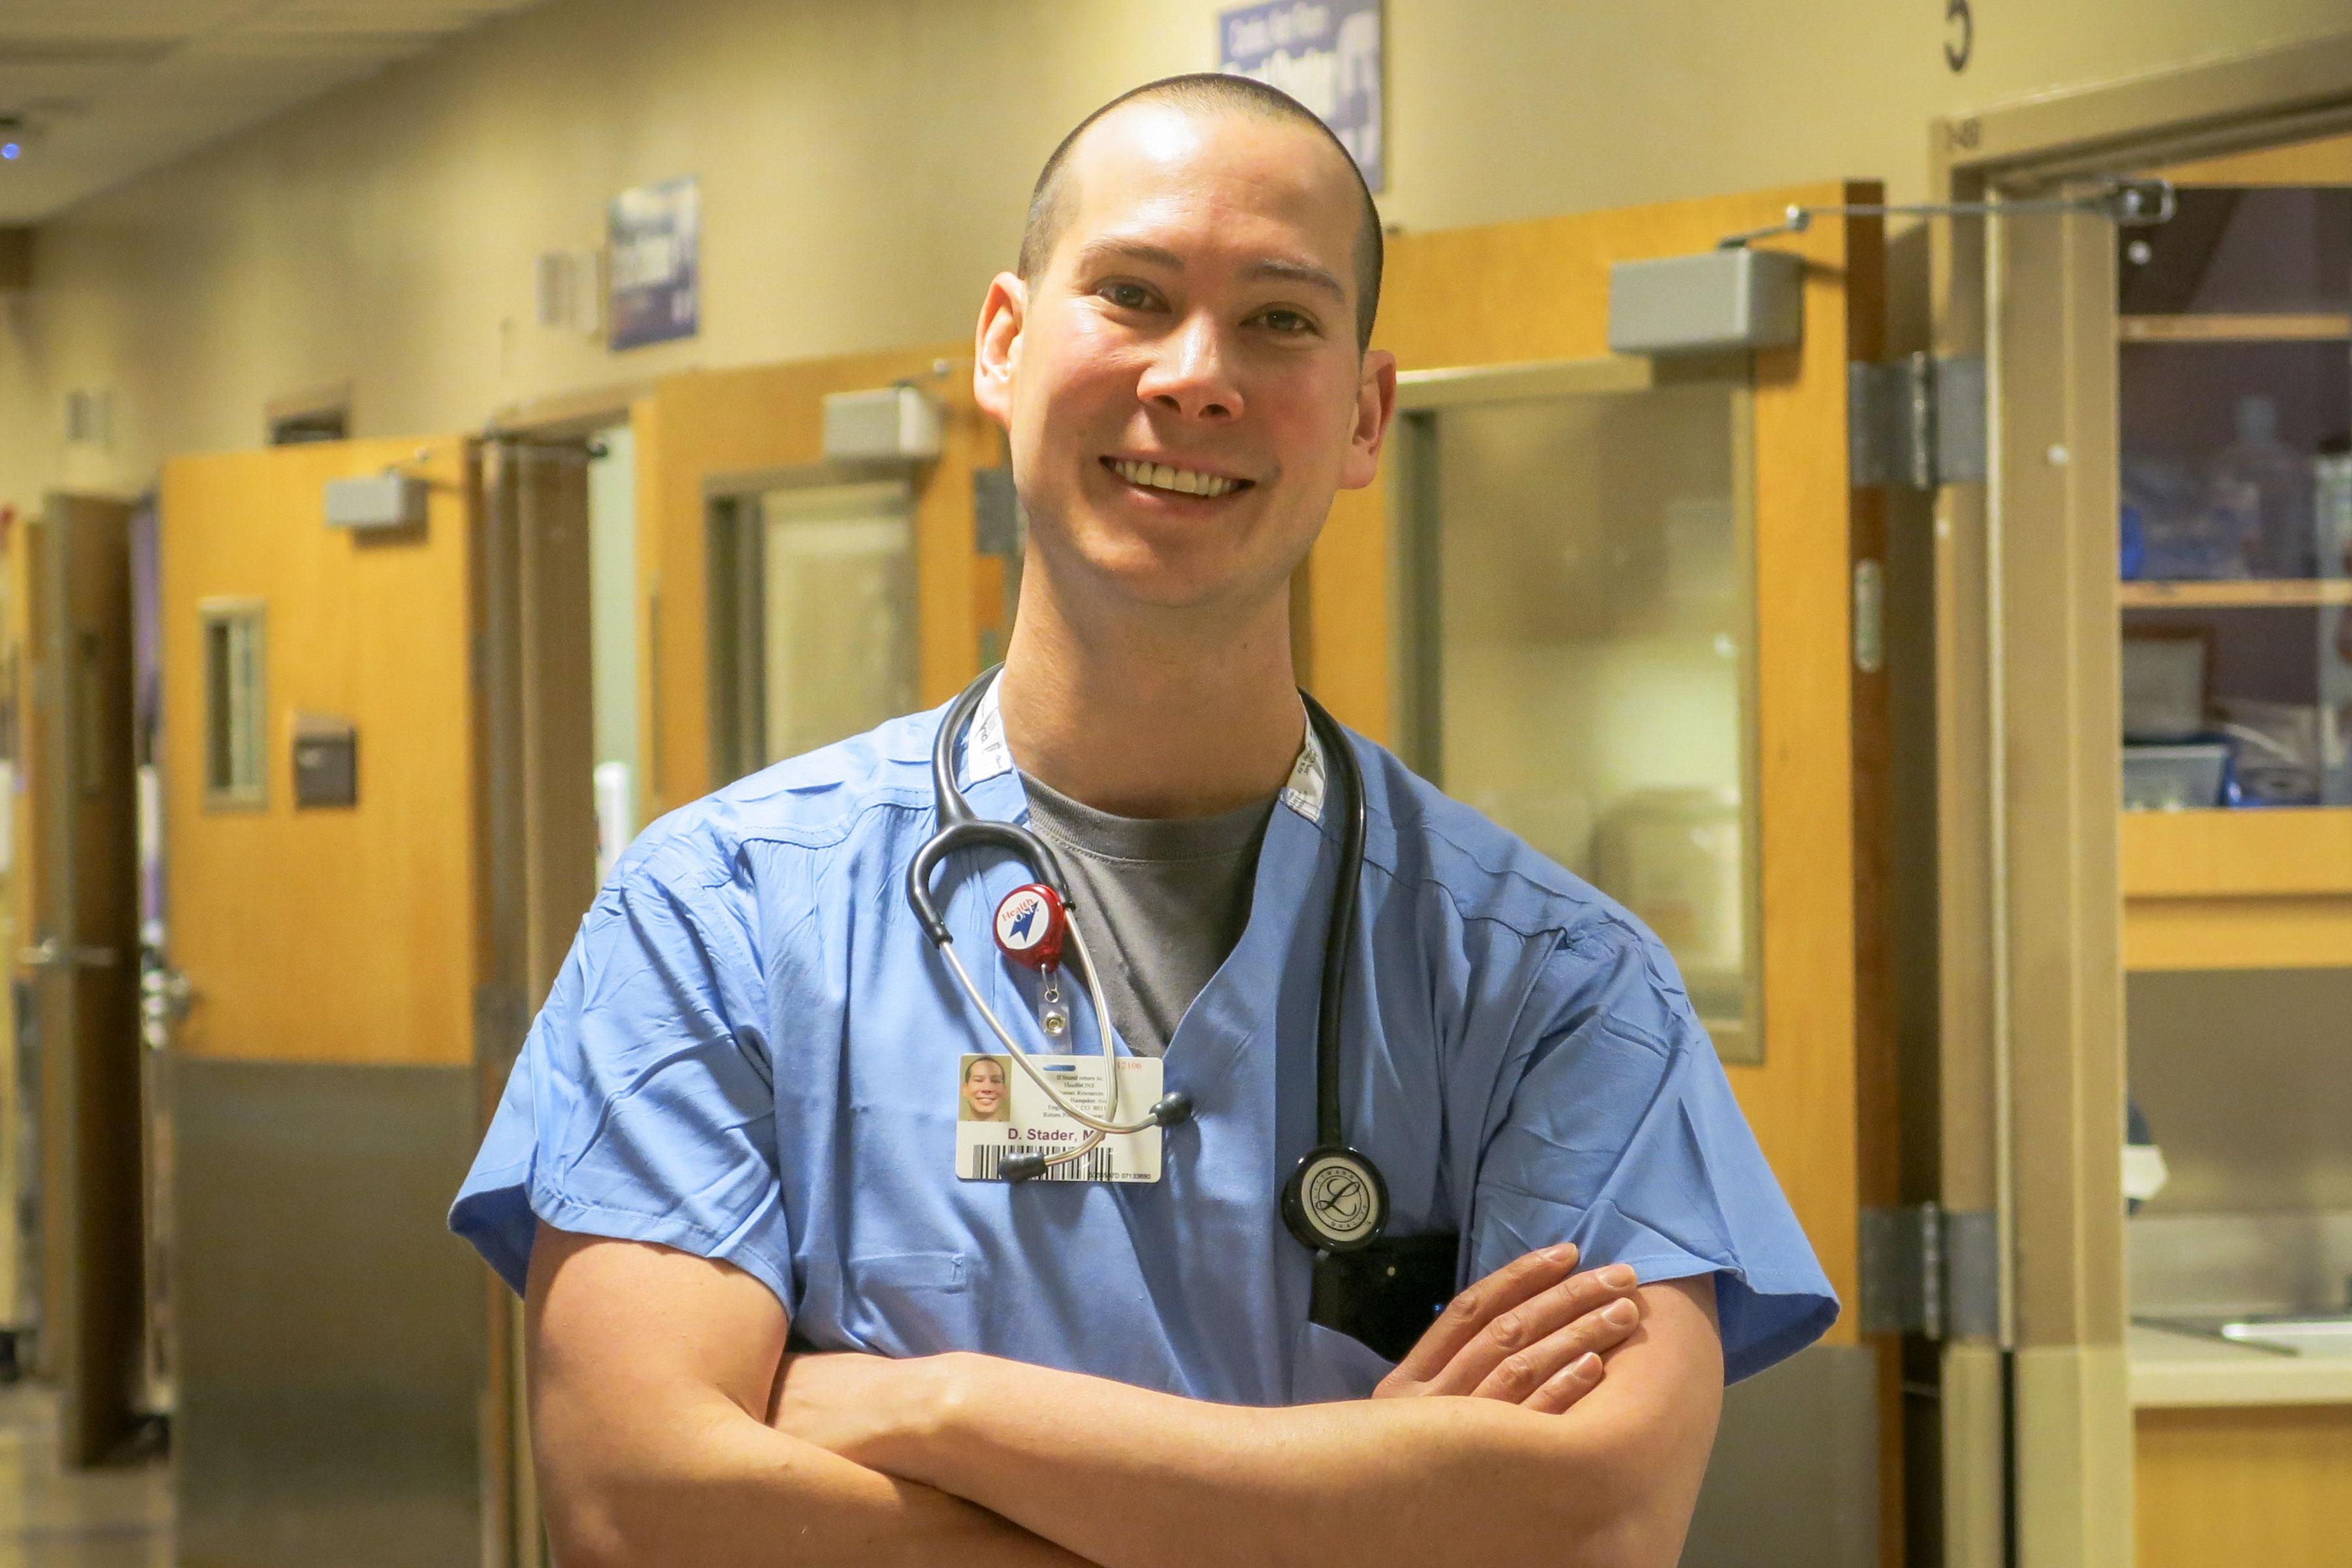 Photo: Opioid Hospital Pilot 3 | Dr. Don Stader - JDaley